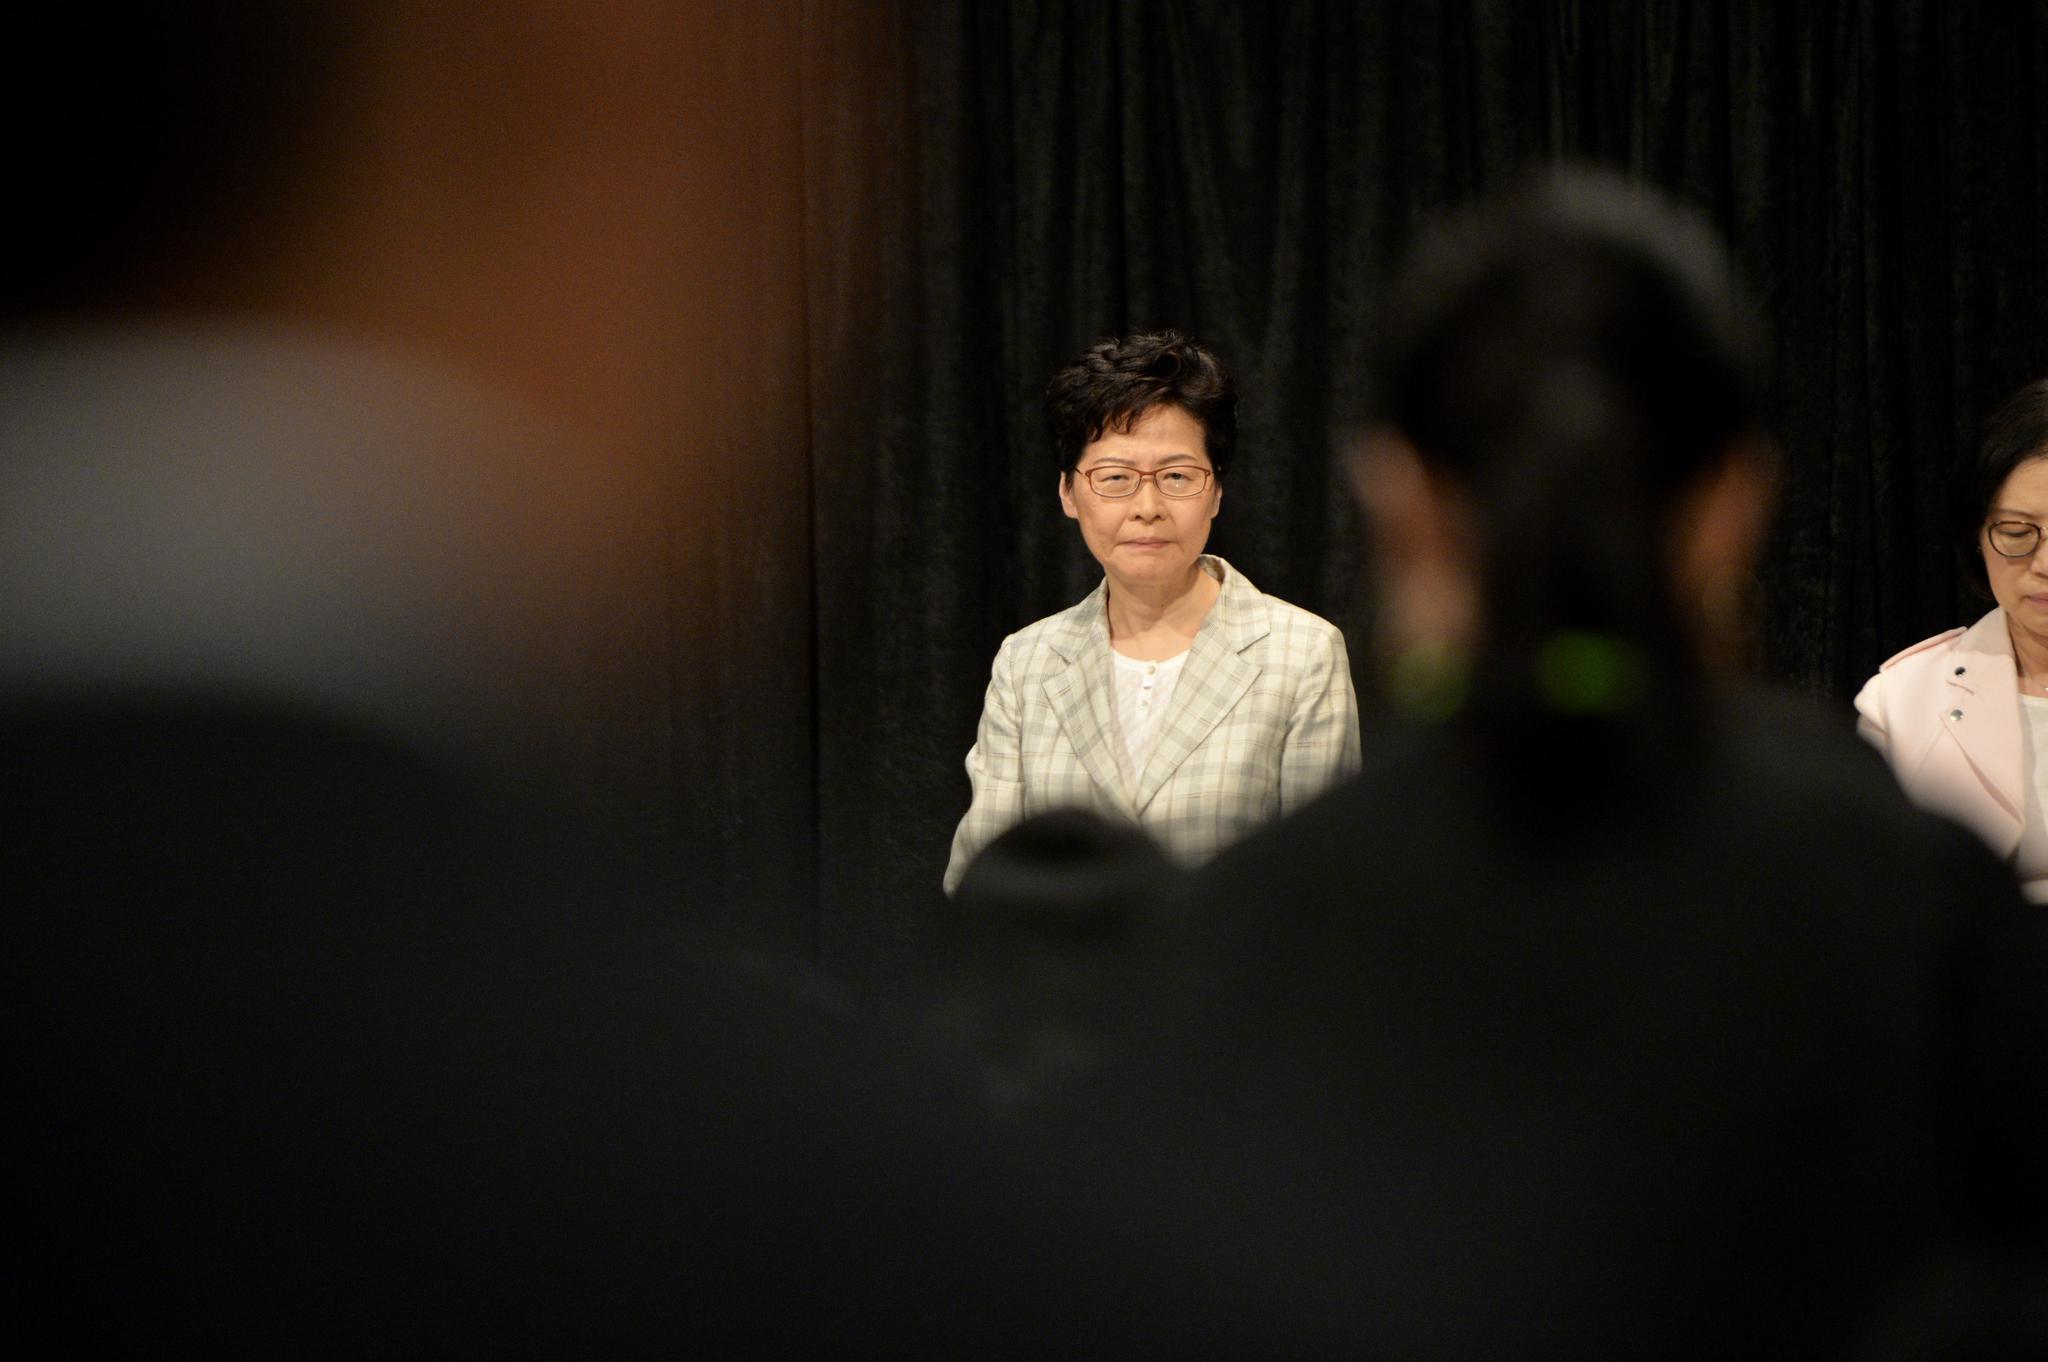 """林郑月娥参加首场""""社区对话"""":希冀加强与年轻人的沟通"""